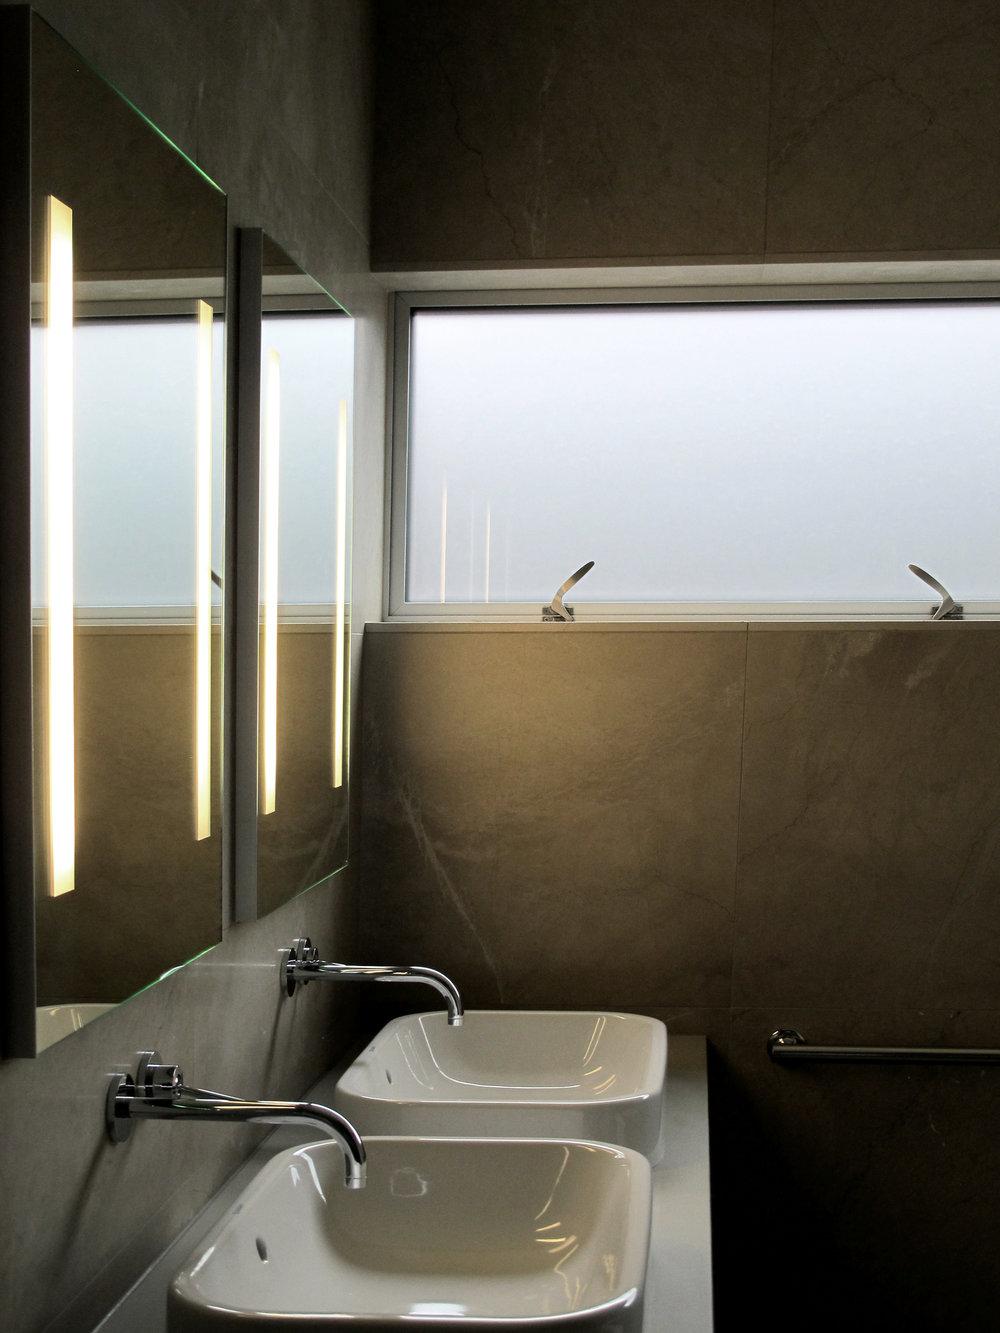 Highlawn master bath-1 HR 2500x1875.jpg